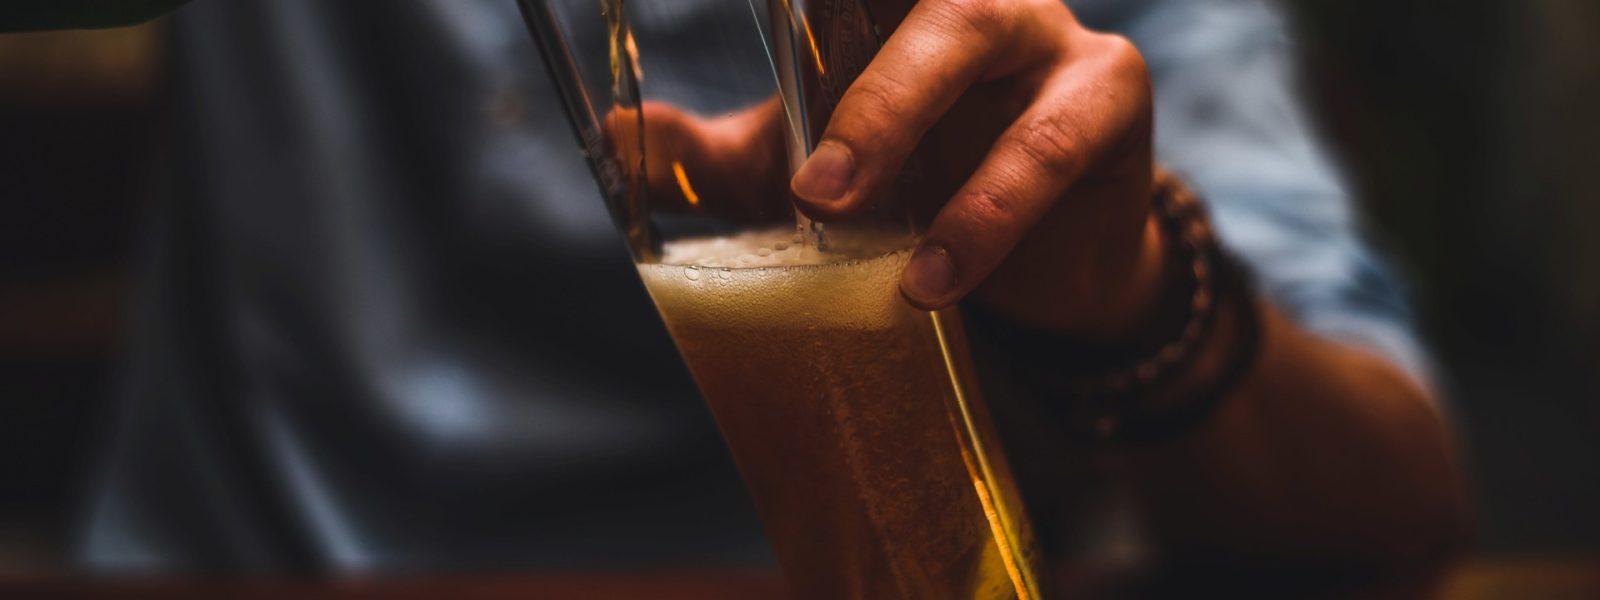 Czy można się uzależnić od alkoholu, pijąc codziennie piwo?